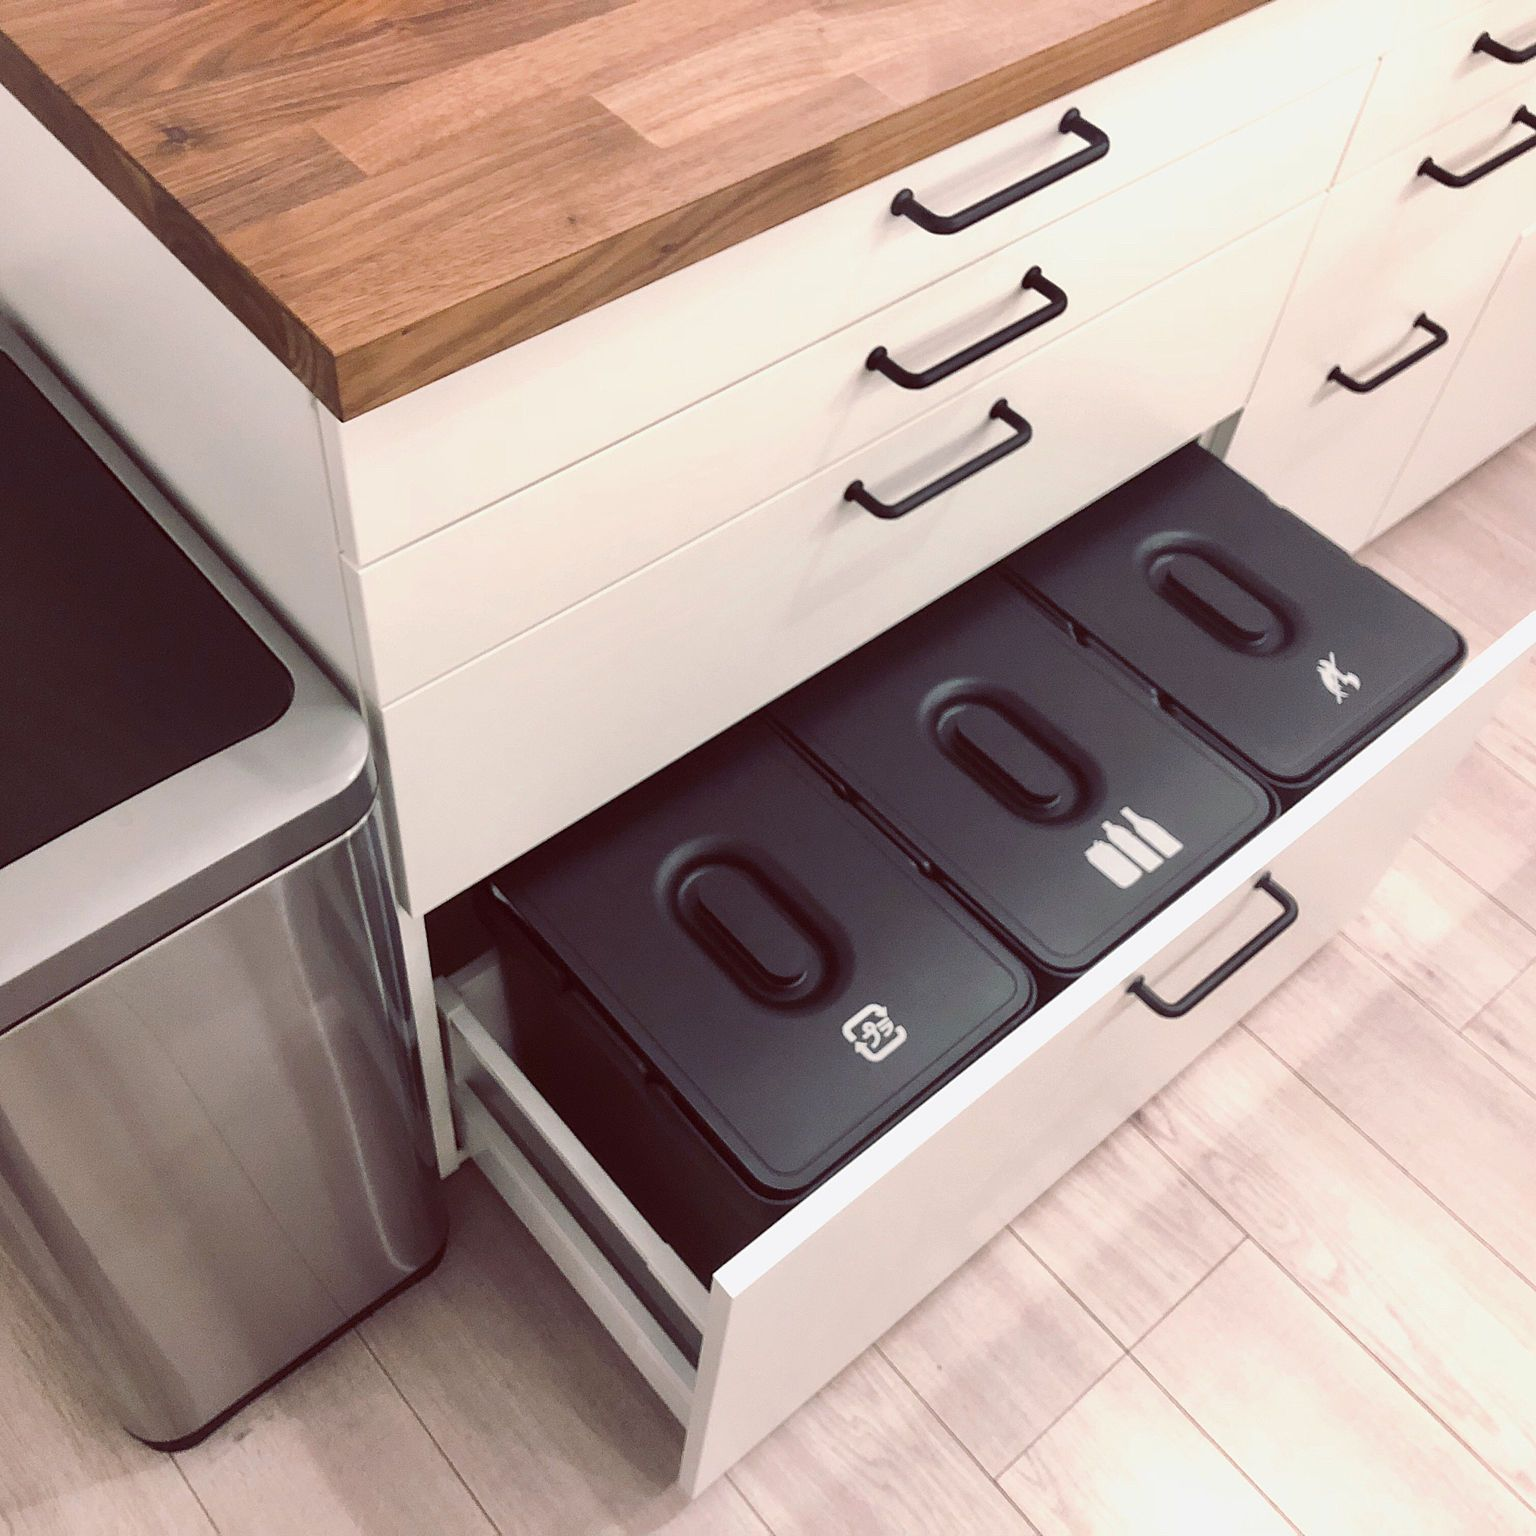 コストコ ゴミステーション キッチン ゴミ箱隠し ゴミ箱 分別 などの